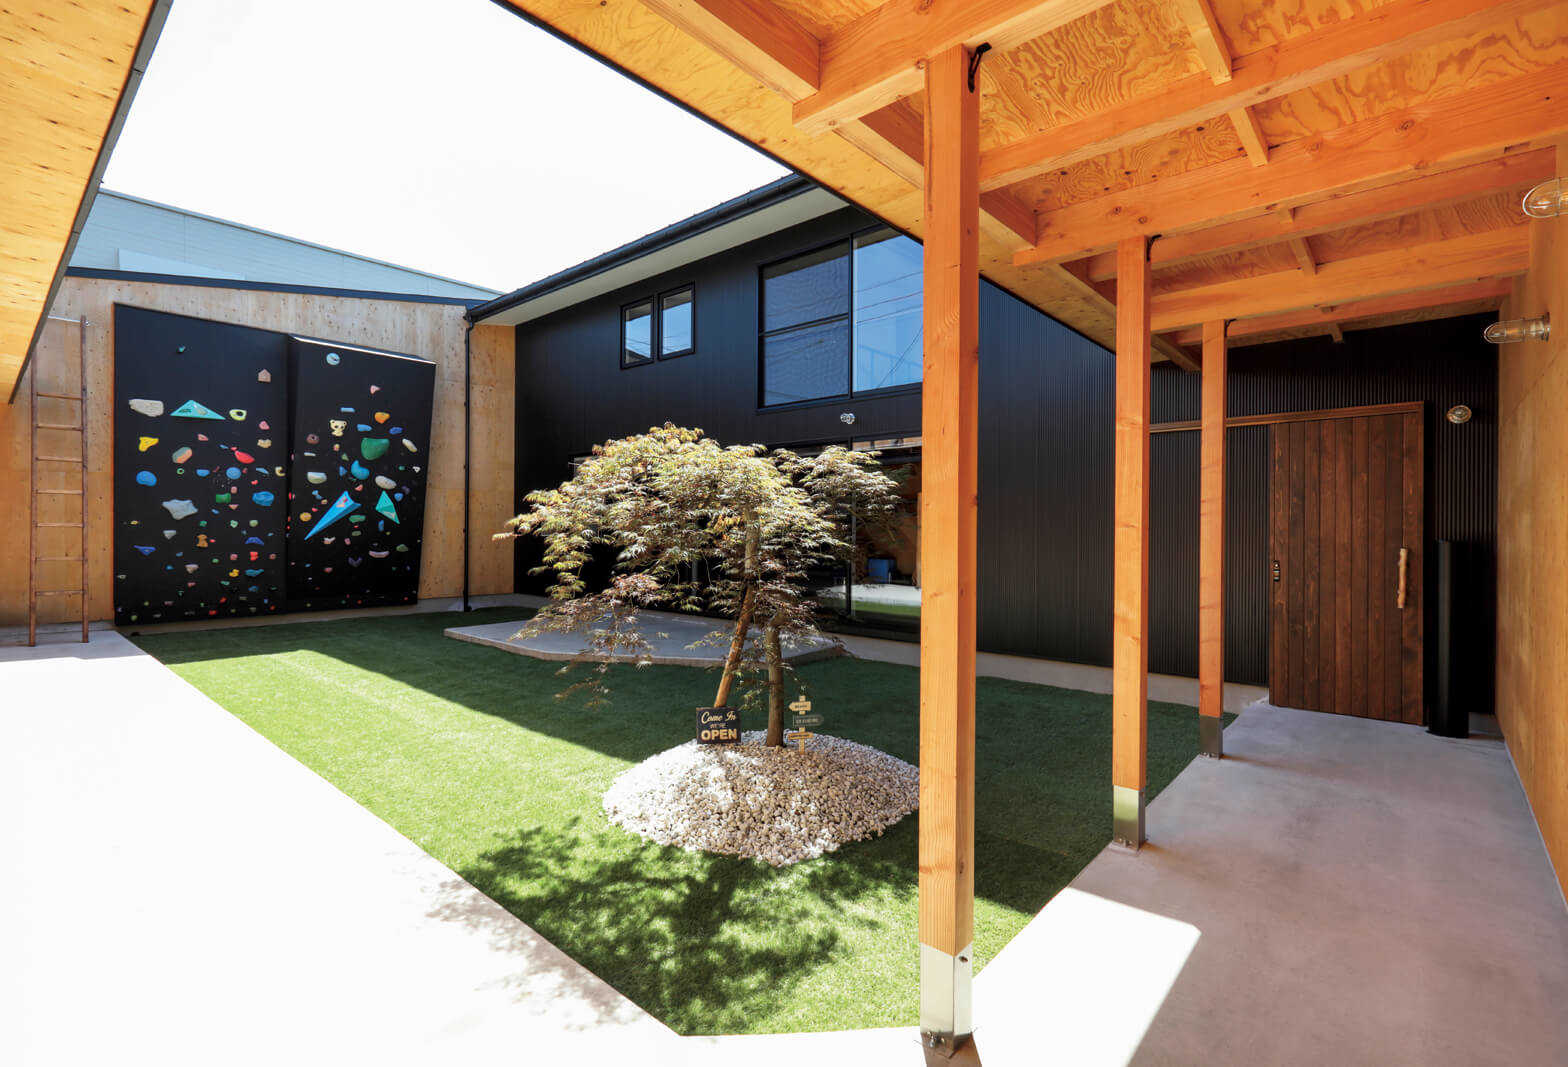 四方を建物や壁で囲まれた中庭。春から秋にはバーベキューや自宅キャンプ、夏にはプール、冬には雪遊びが楽しめる